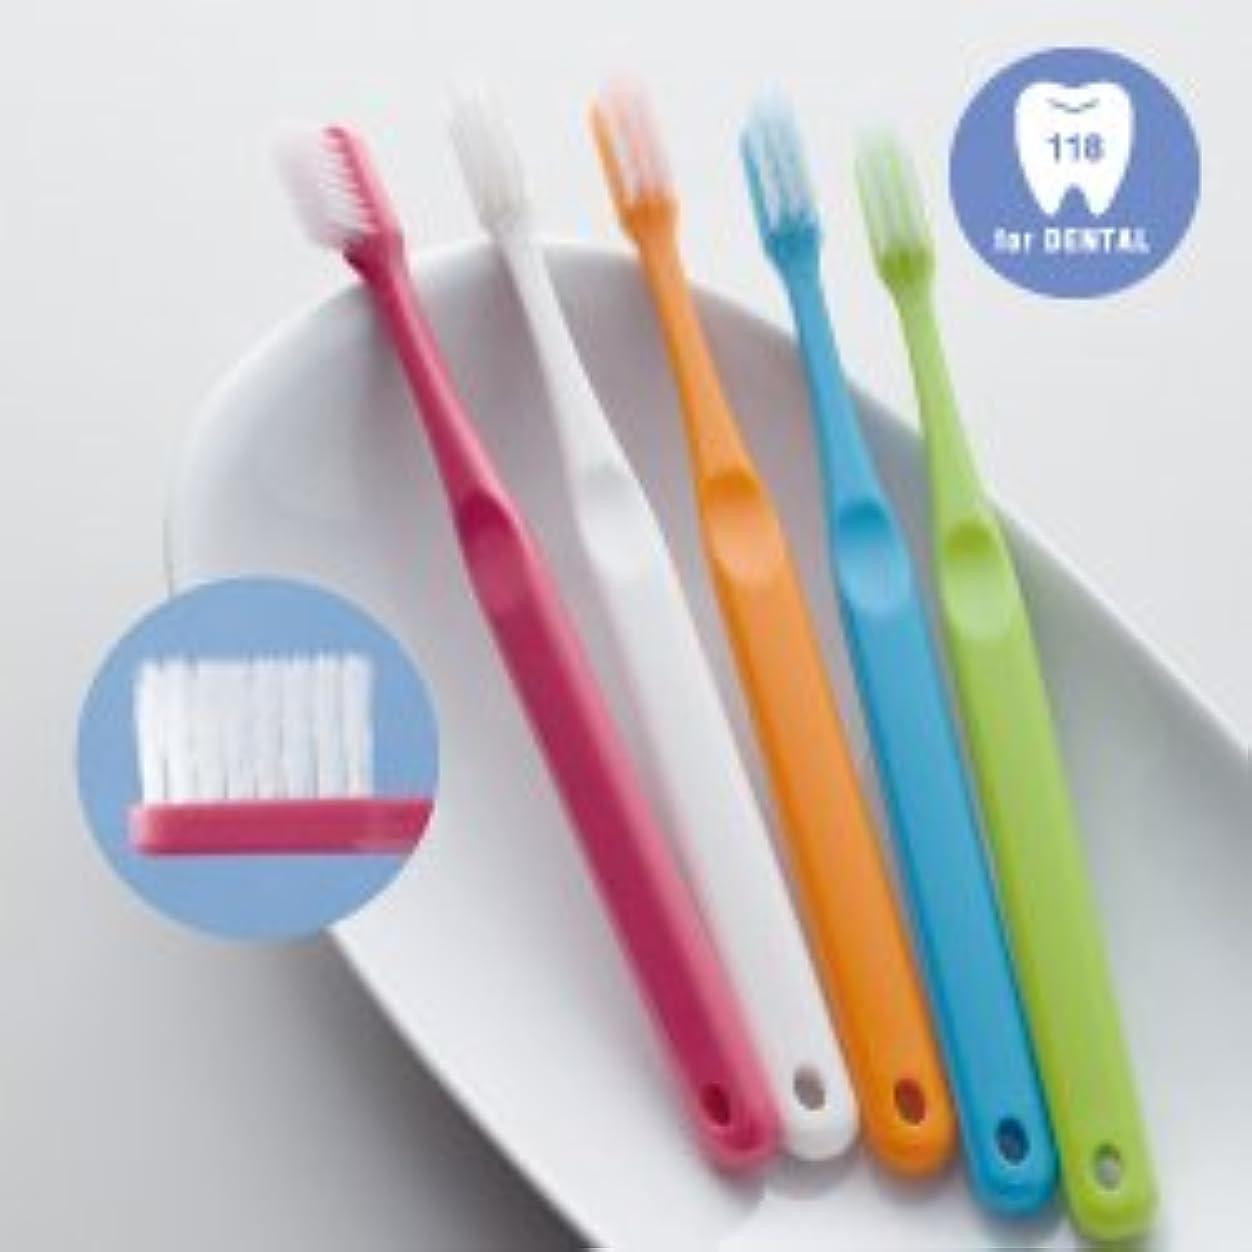 征服者識別スキャン歯科専用歯ブラシ 118SERIES ZERO 超先細 ふつう 25本